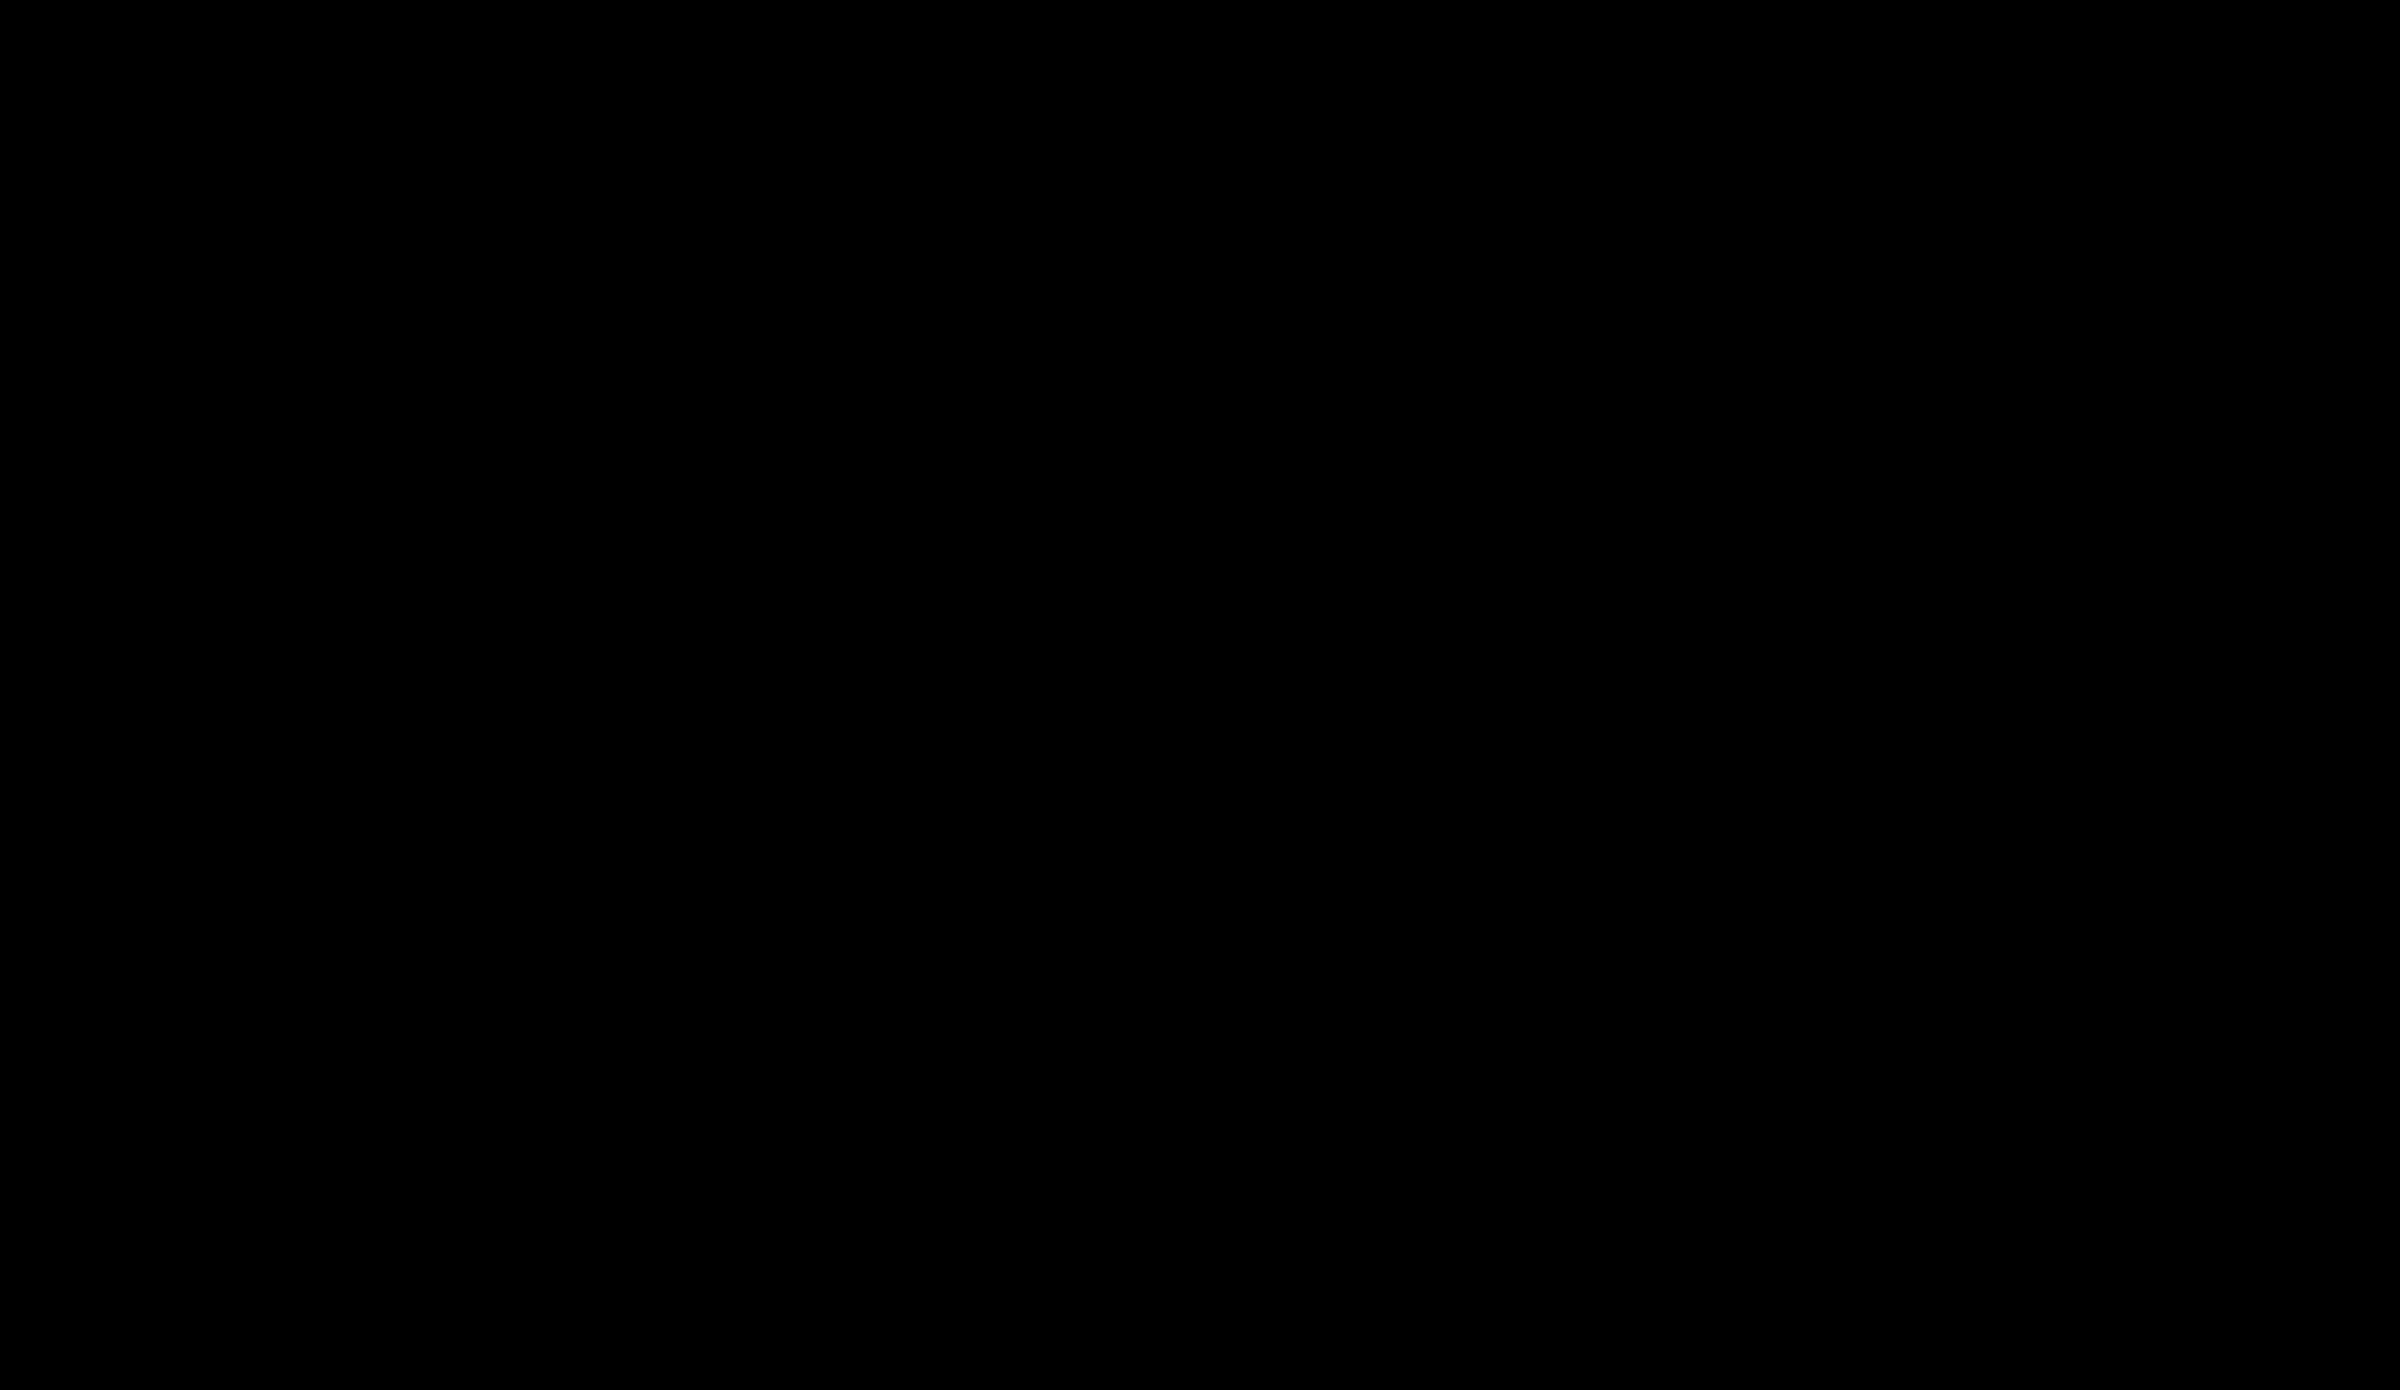 2400x1390 Classy Fox Silhouette Clip Art